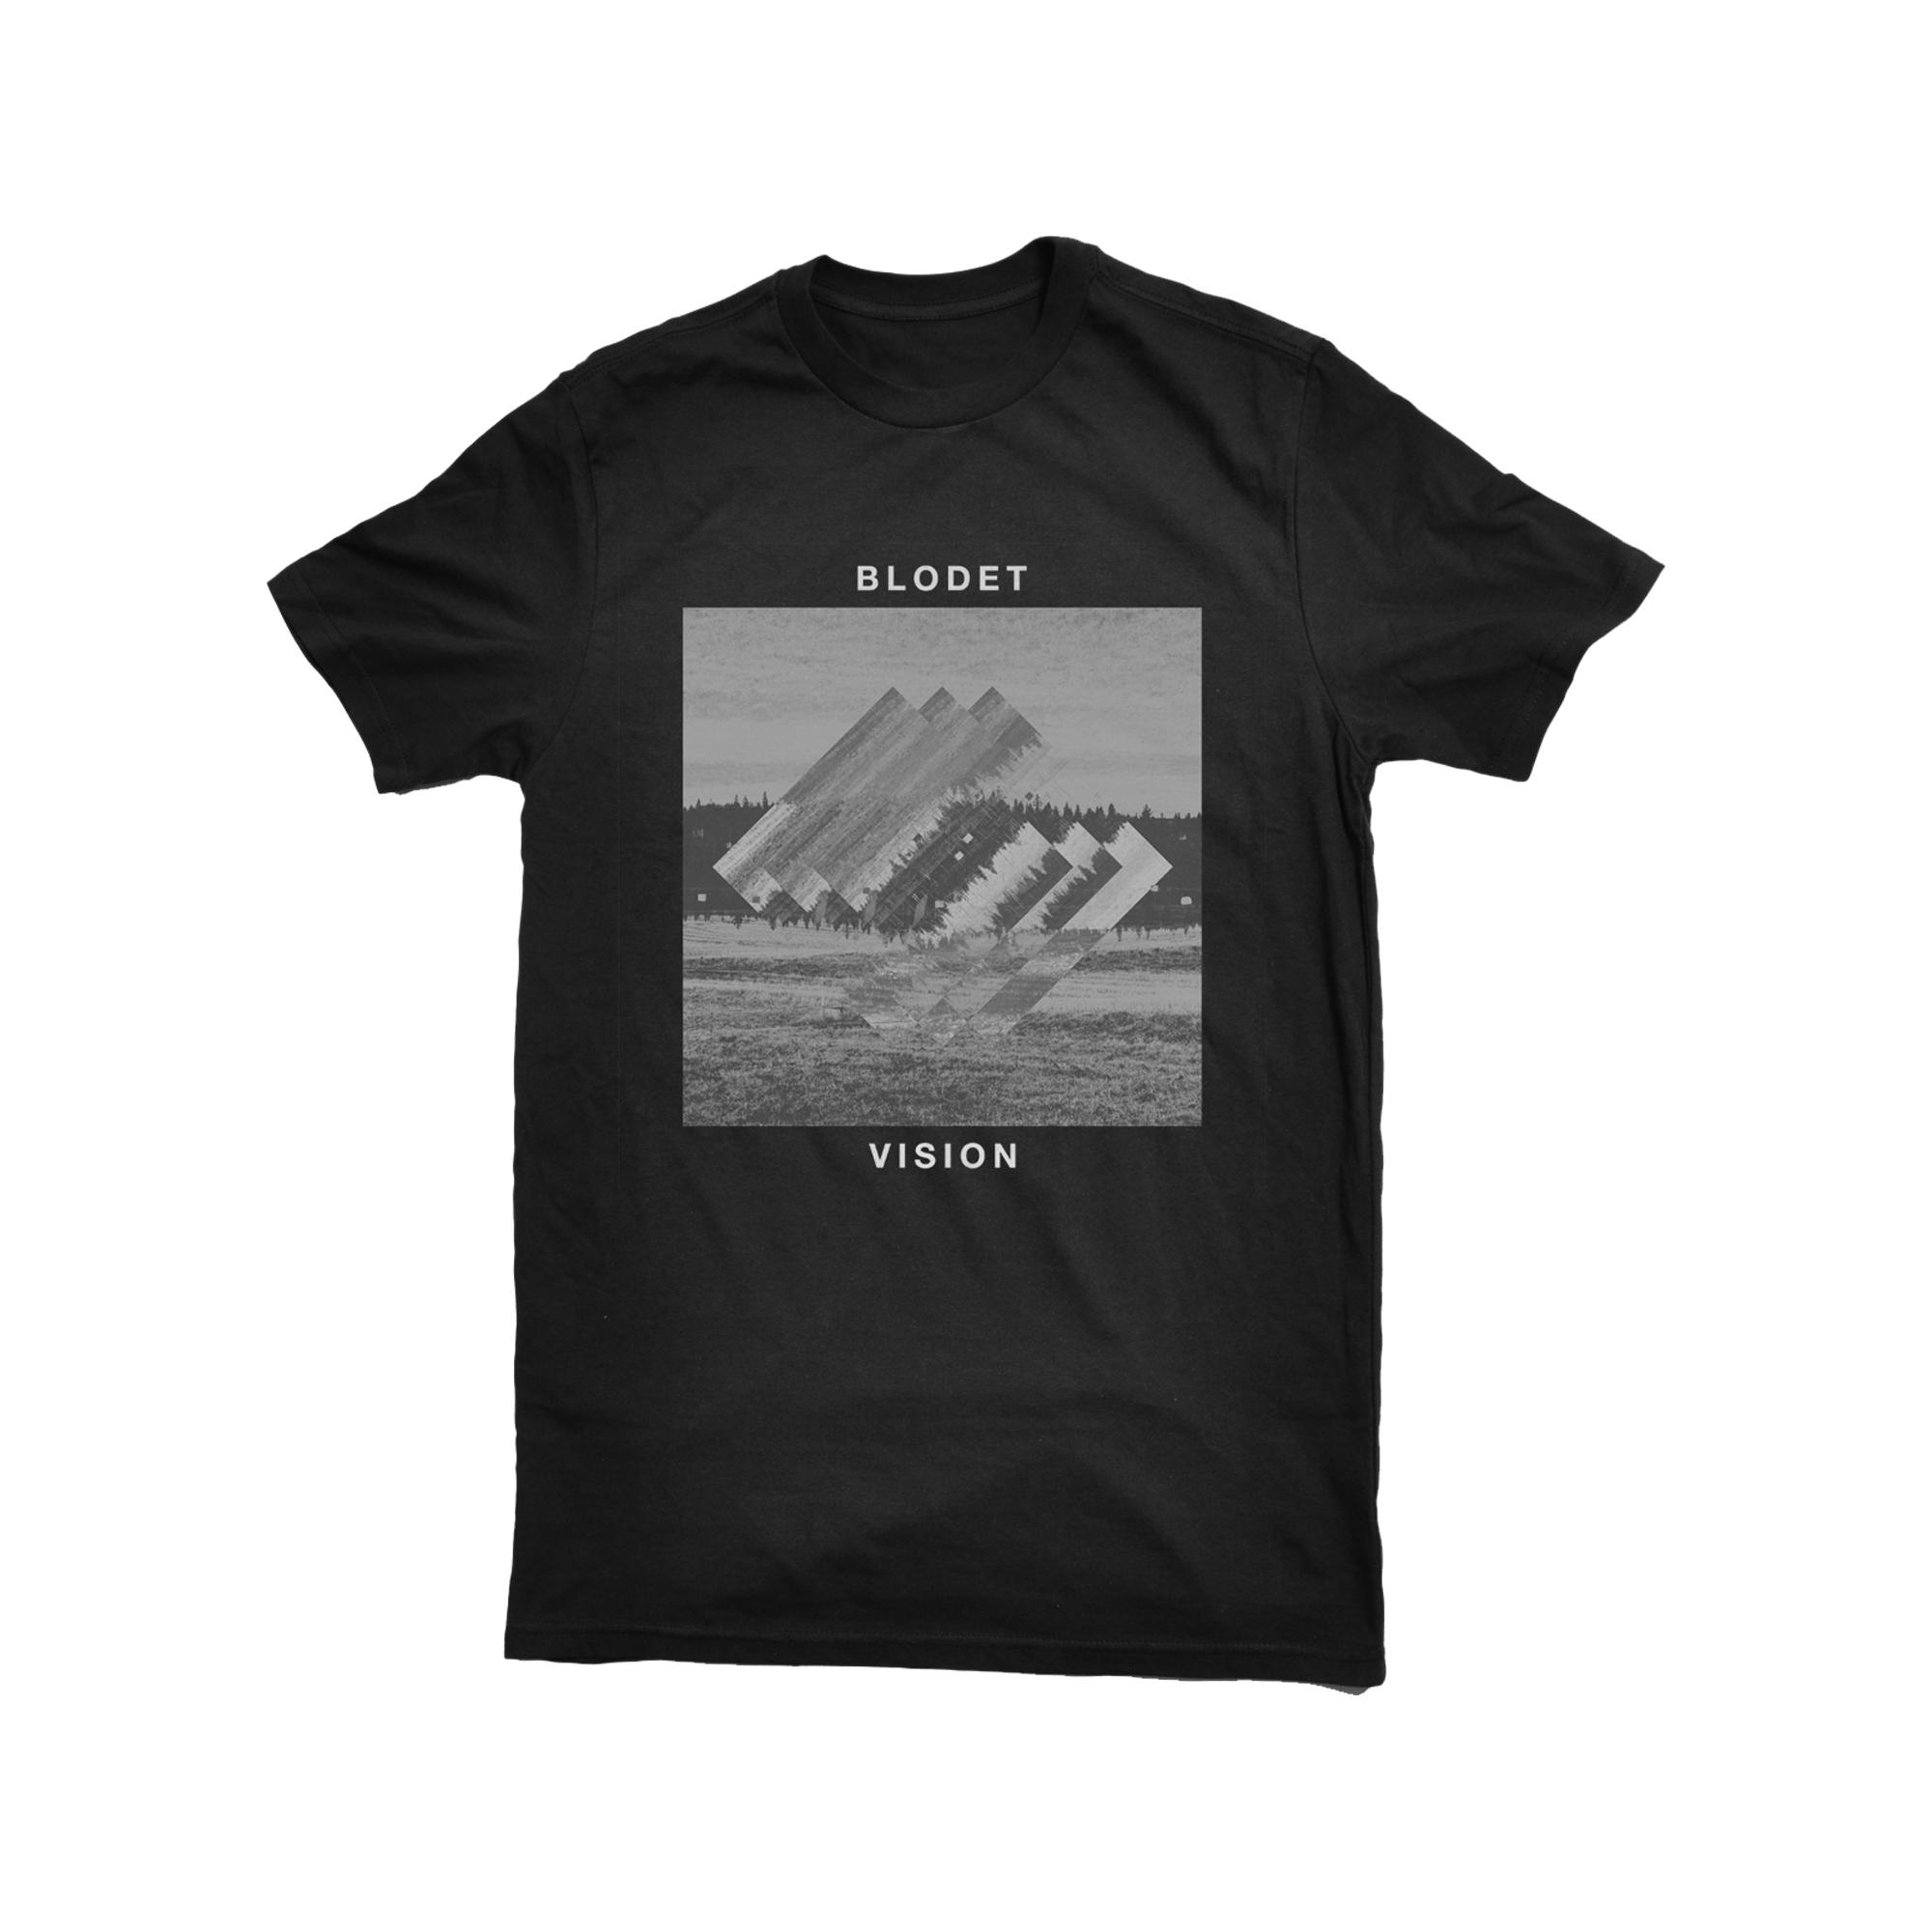 Blodet - Vision shirt